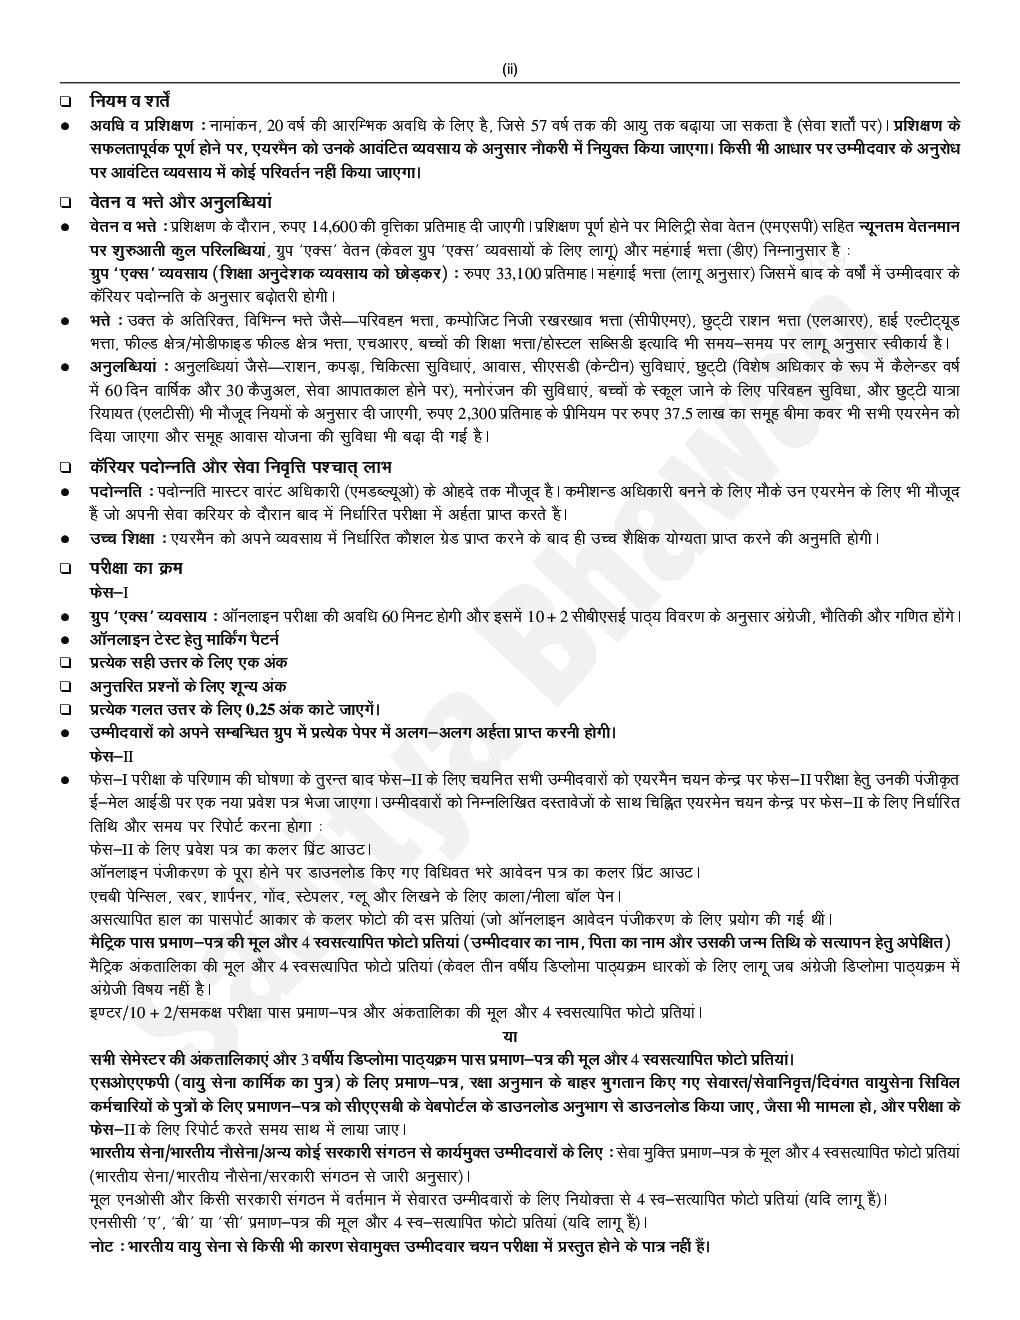 25 Practice Sets Bhartiya Vayu Seana Group \'X\' Takniki Treds Chayan Pariksha - Page 5